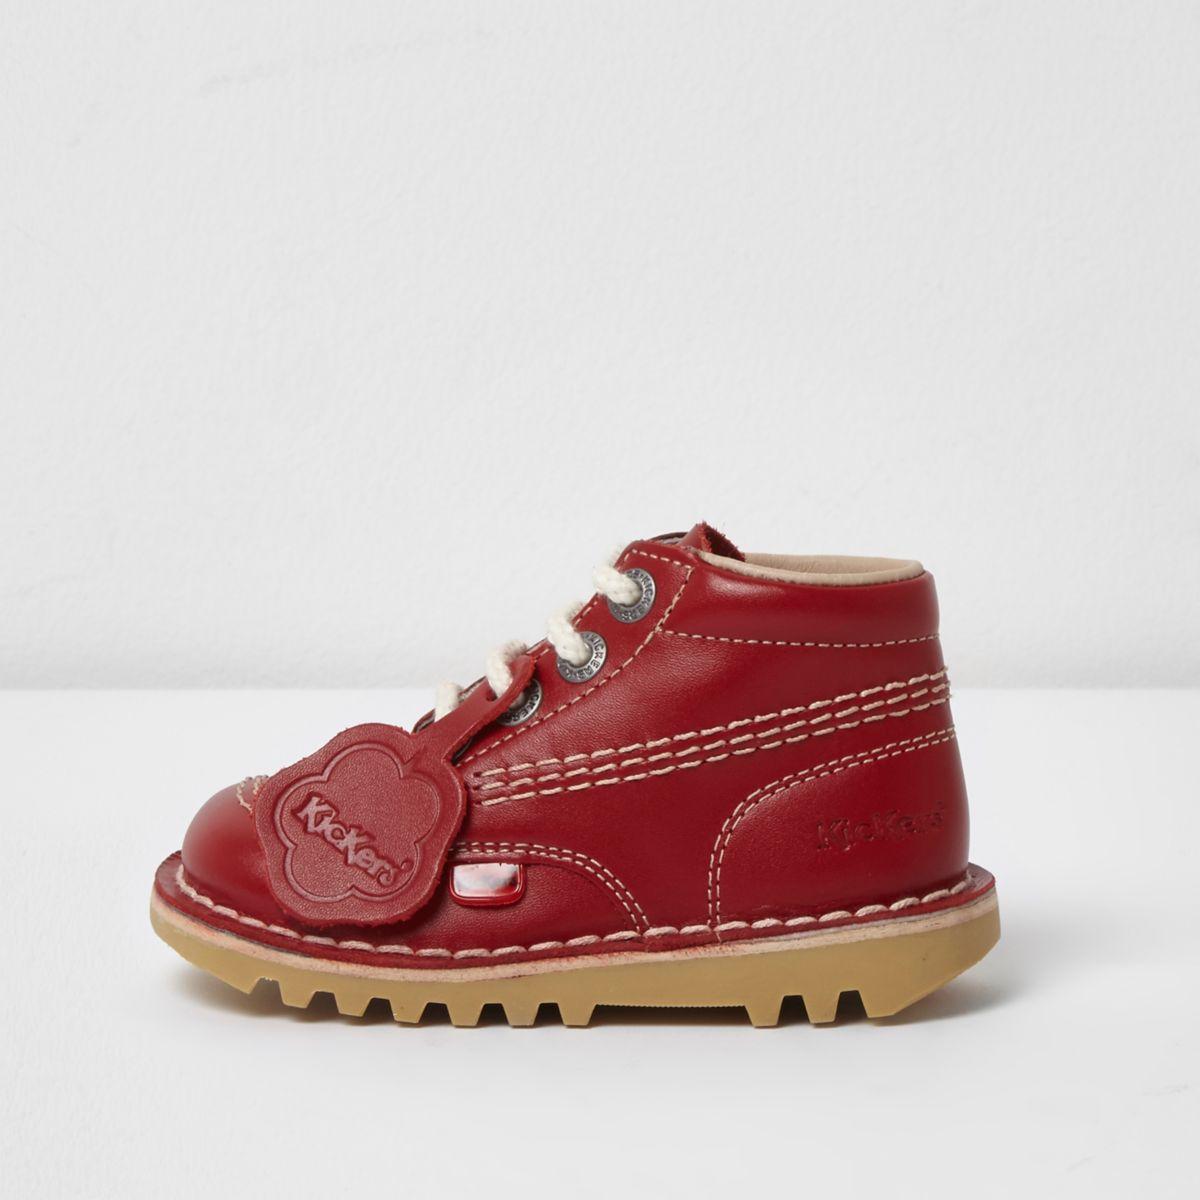 Kickers – Bottines rouges à lacets mini enfant